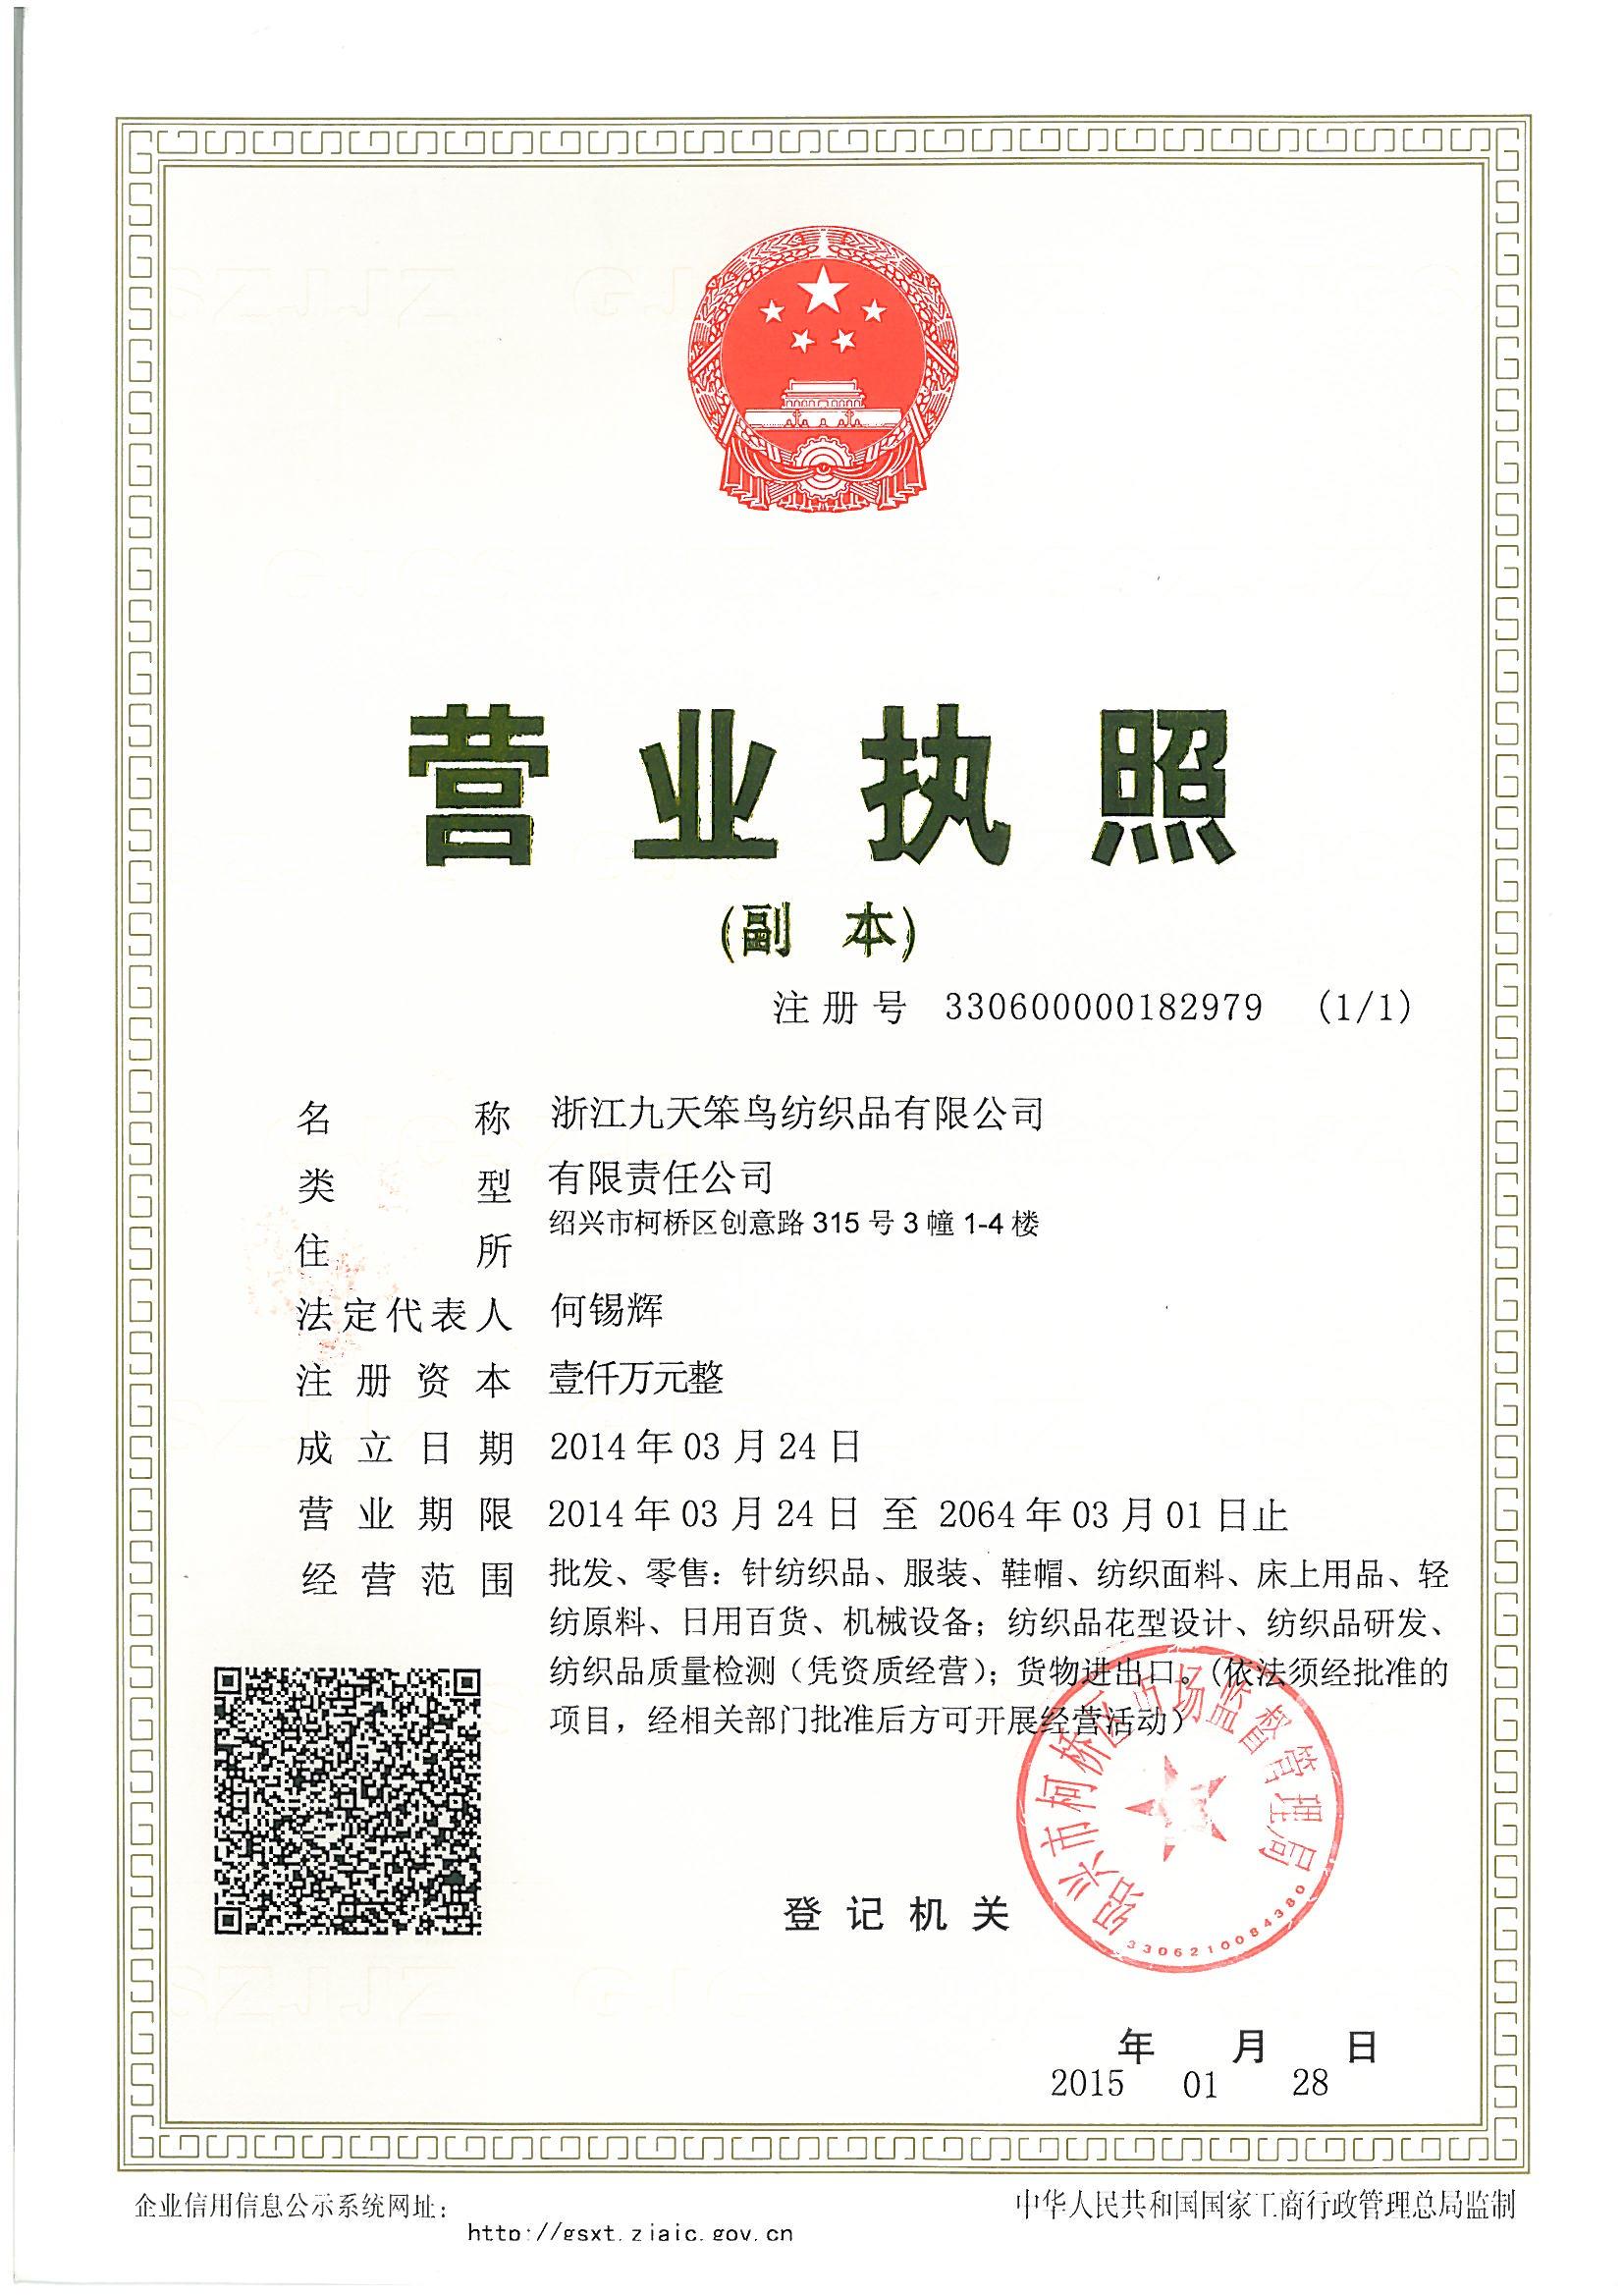 浙江鳳凰莊紡織品有限公司企業檔案